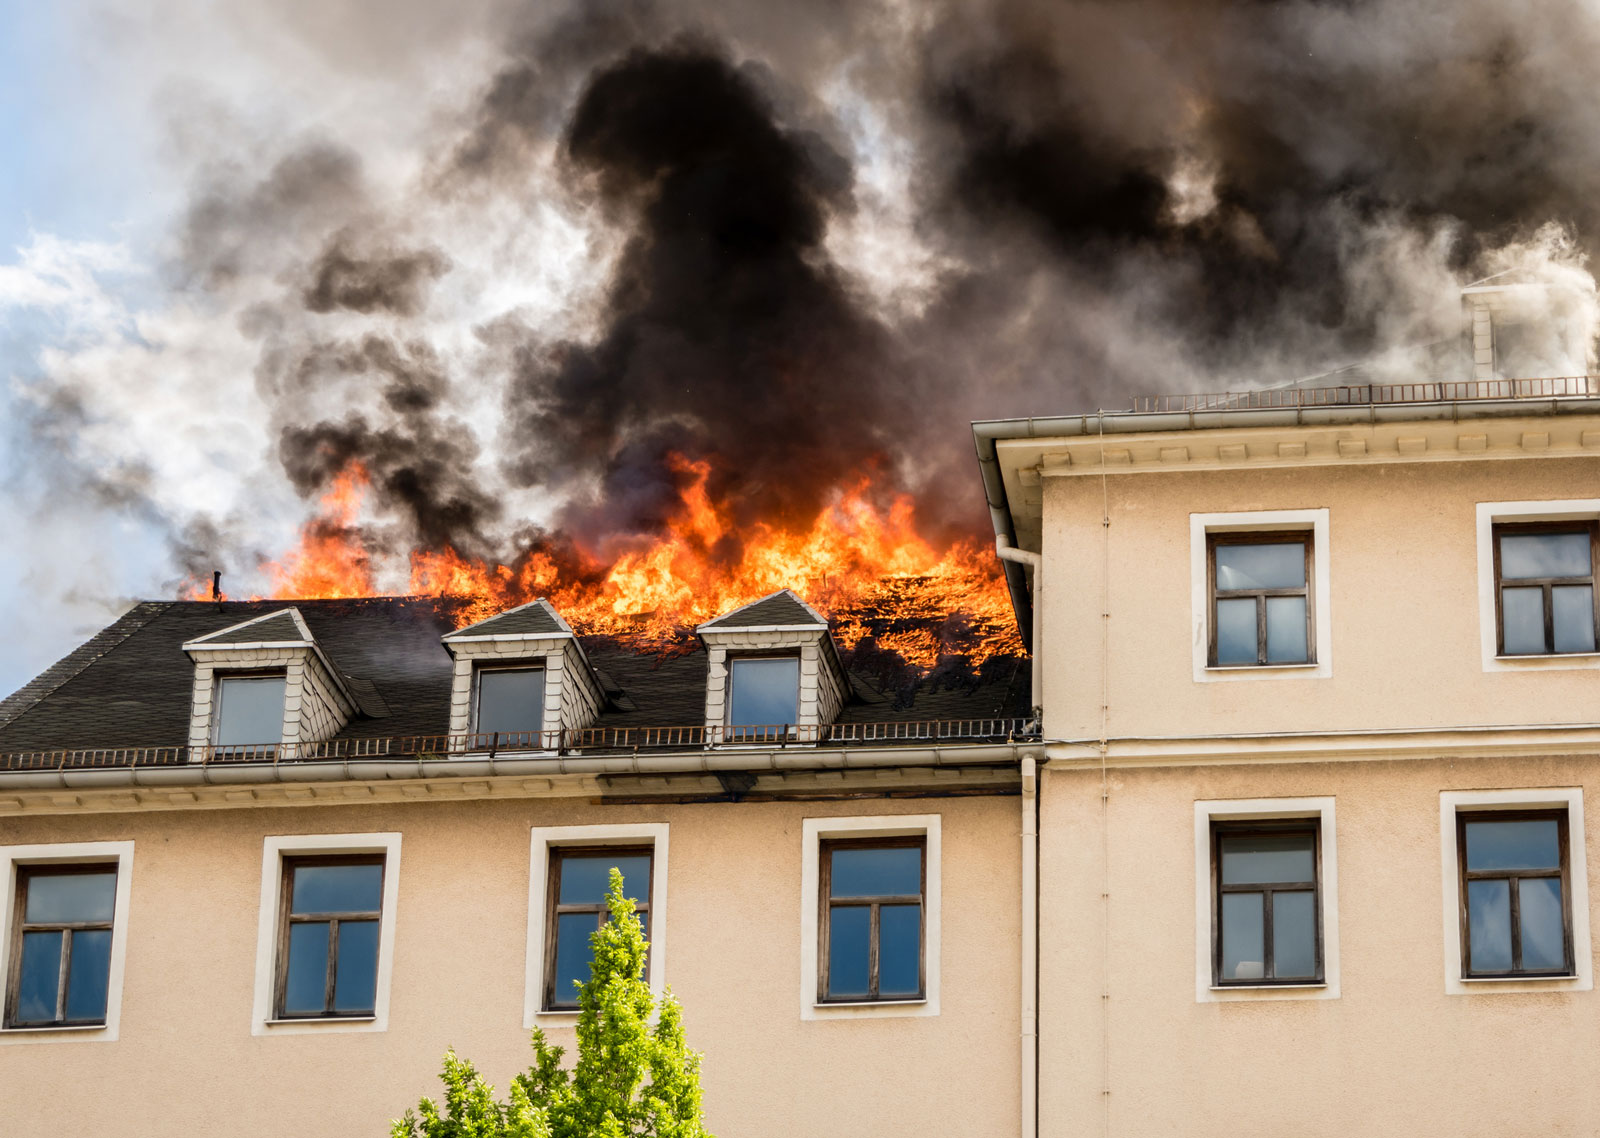 Haushaltsversicherung: Absicherung von Schäden durch Brand, Wasser oder Einbruch